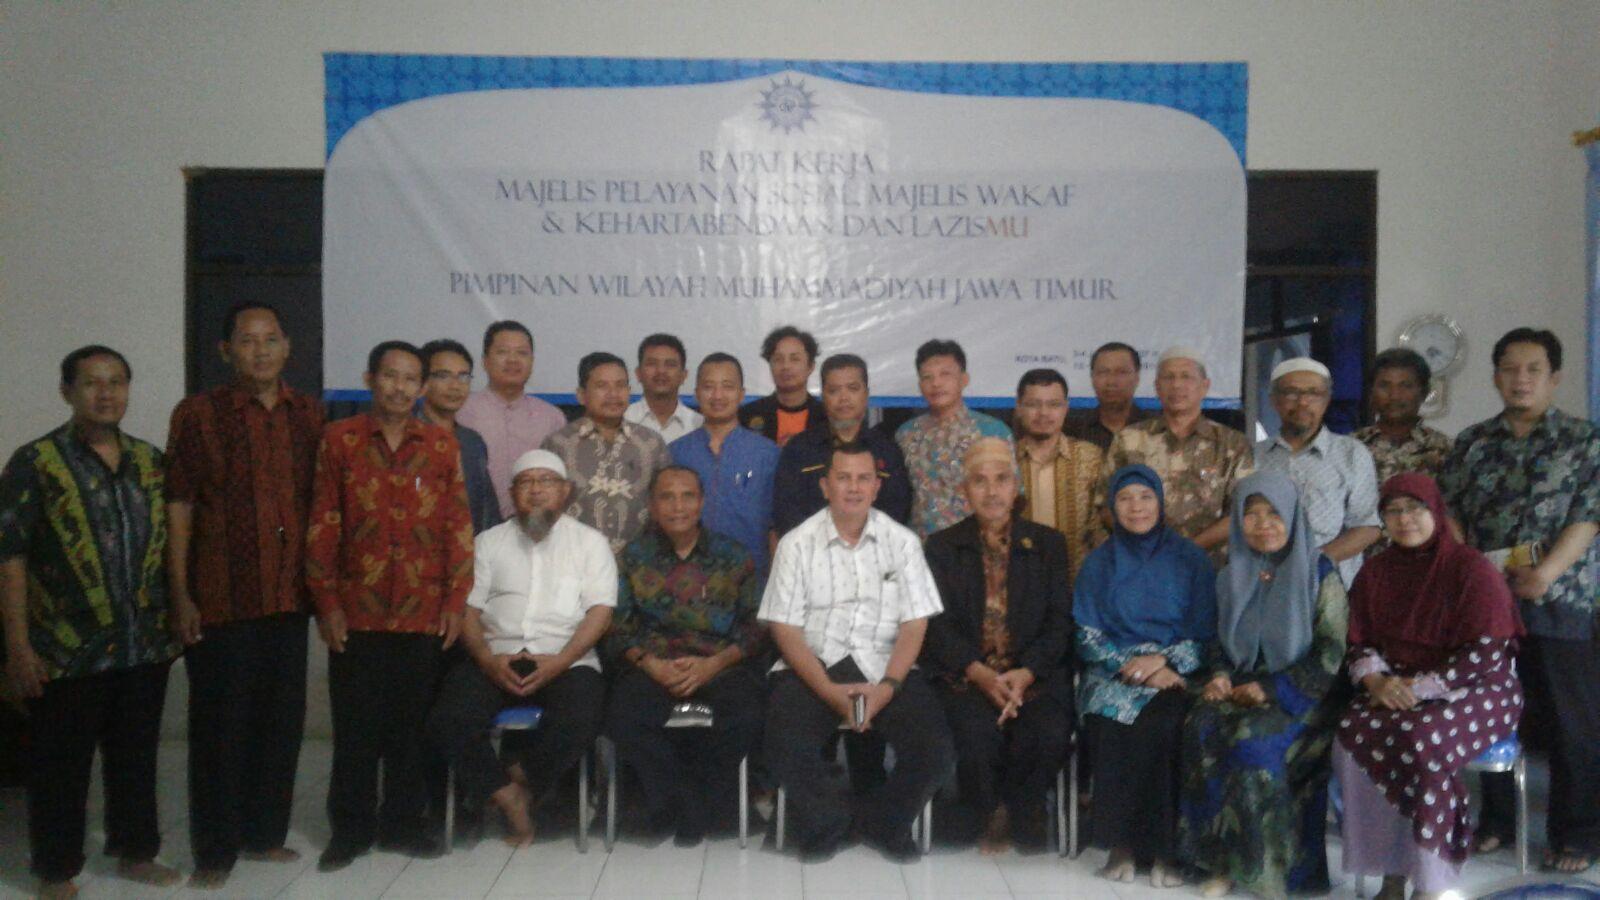 Raker Bersama, MPS, MWK dan Lazis